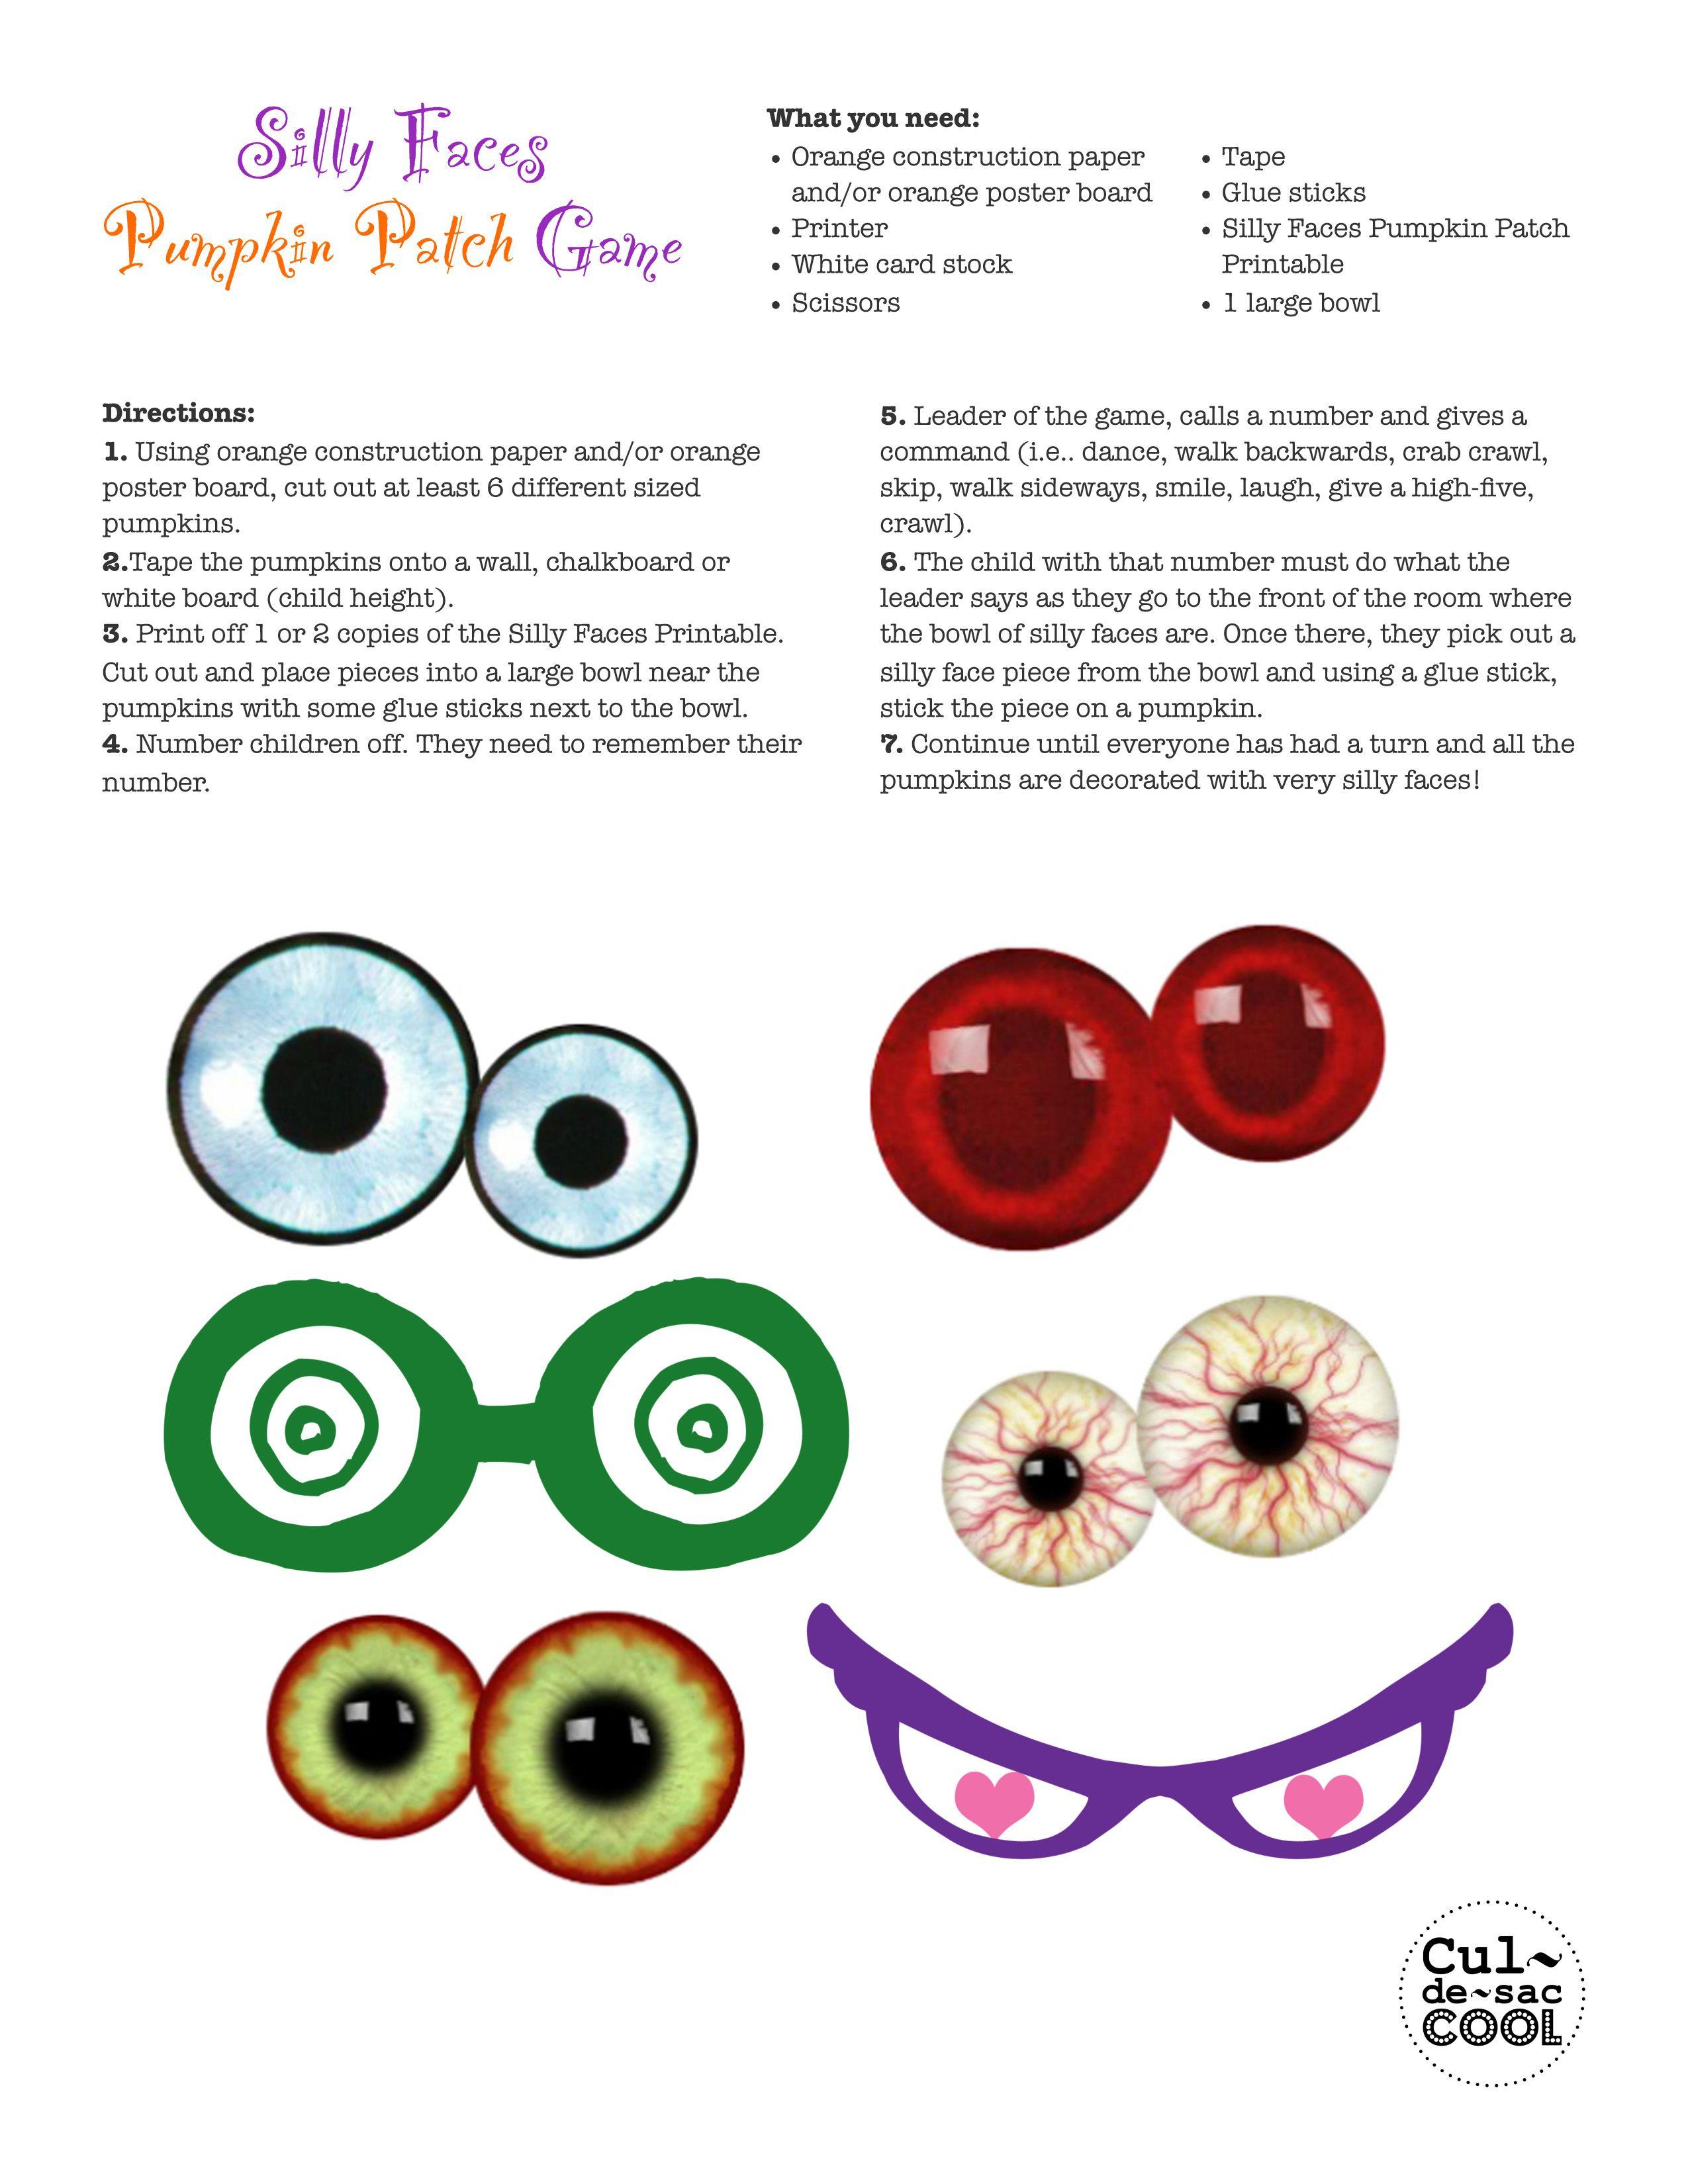 Silly Faces Pumpkin Patch Game | Halloween | Pinterest | Pumpkins ...